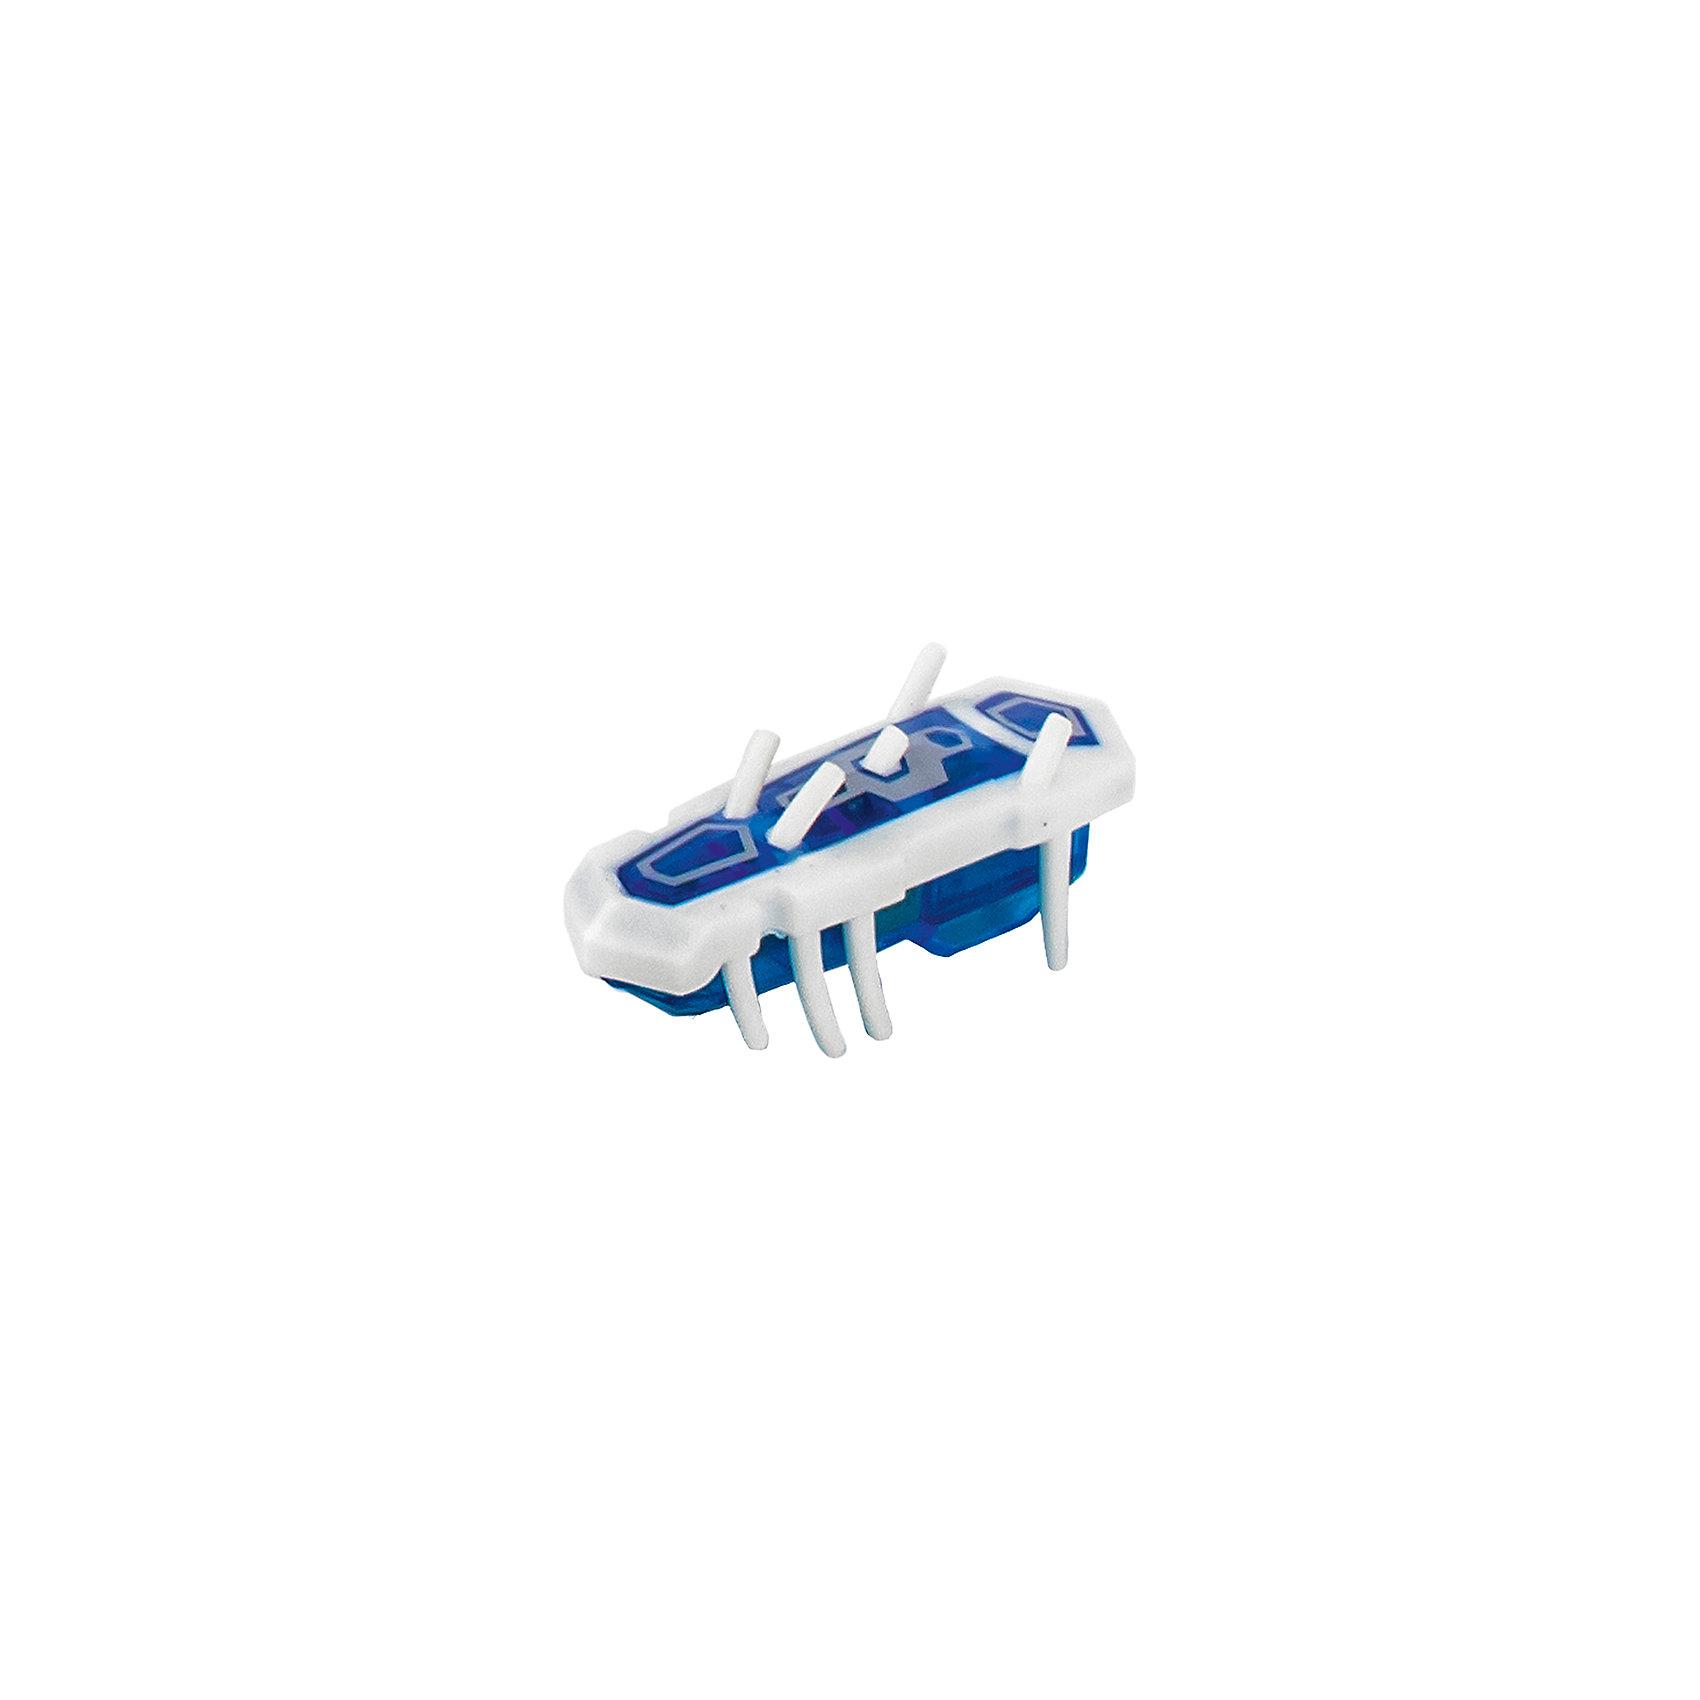 Микро-робот Nano Nitro Single, бело-синий, HexbugПрочие интерактивные игрушки<br><br><br>Ширина мм: 9999<br>Глубина мм: 9999<br>Высота мм: 9999<br>Вес г: 9999<br>Возраст от месяцев: 36<br>Возраст до месяцев: 2147483647<br>Пол: Унисекс<br>Возраст: Детский<br>SKU: 5507228